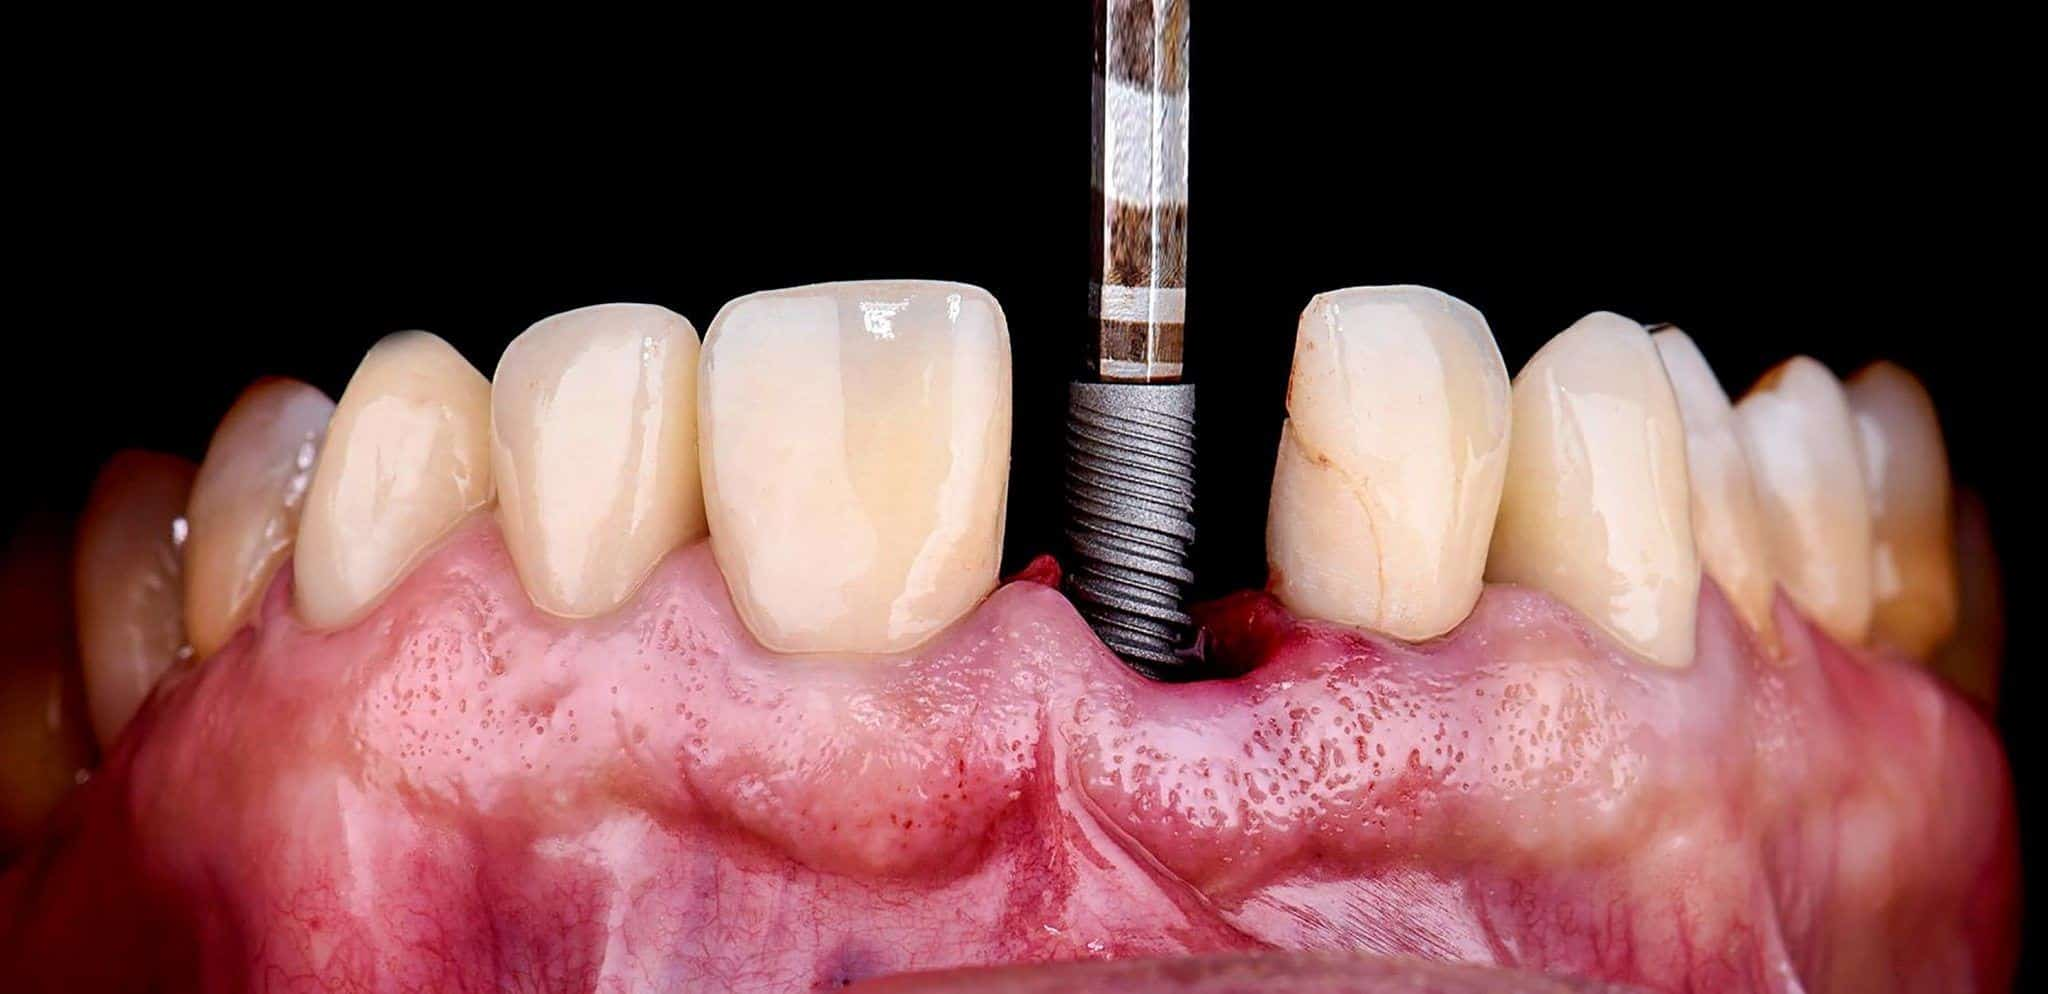 بهترین سن برای کاشت ایمپلنت دندان